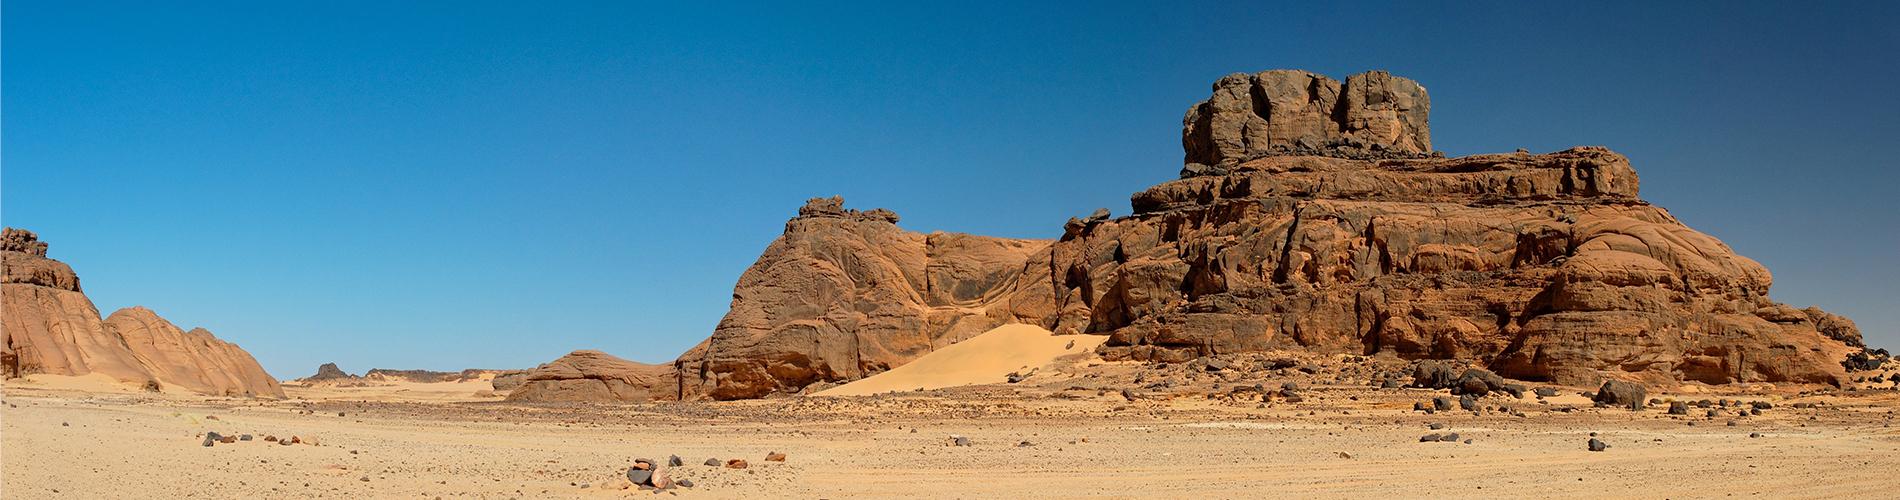 盐池:从沙蚀草原到绿树成荫 发展起沙区绿色产业